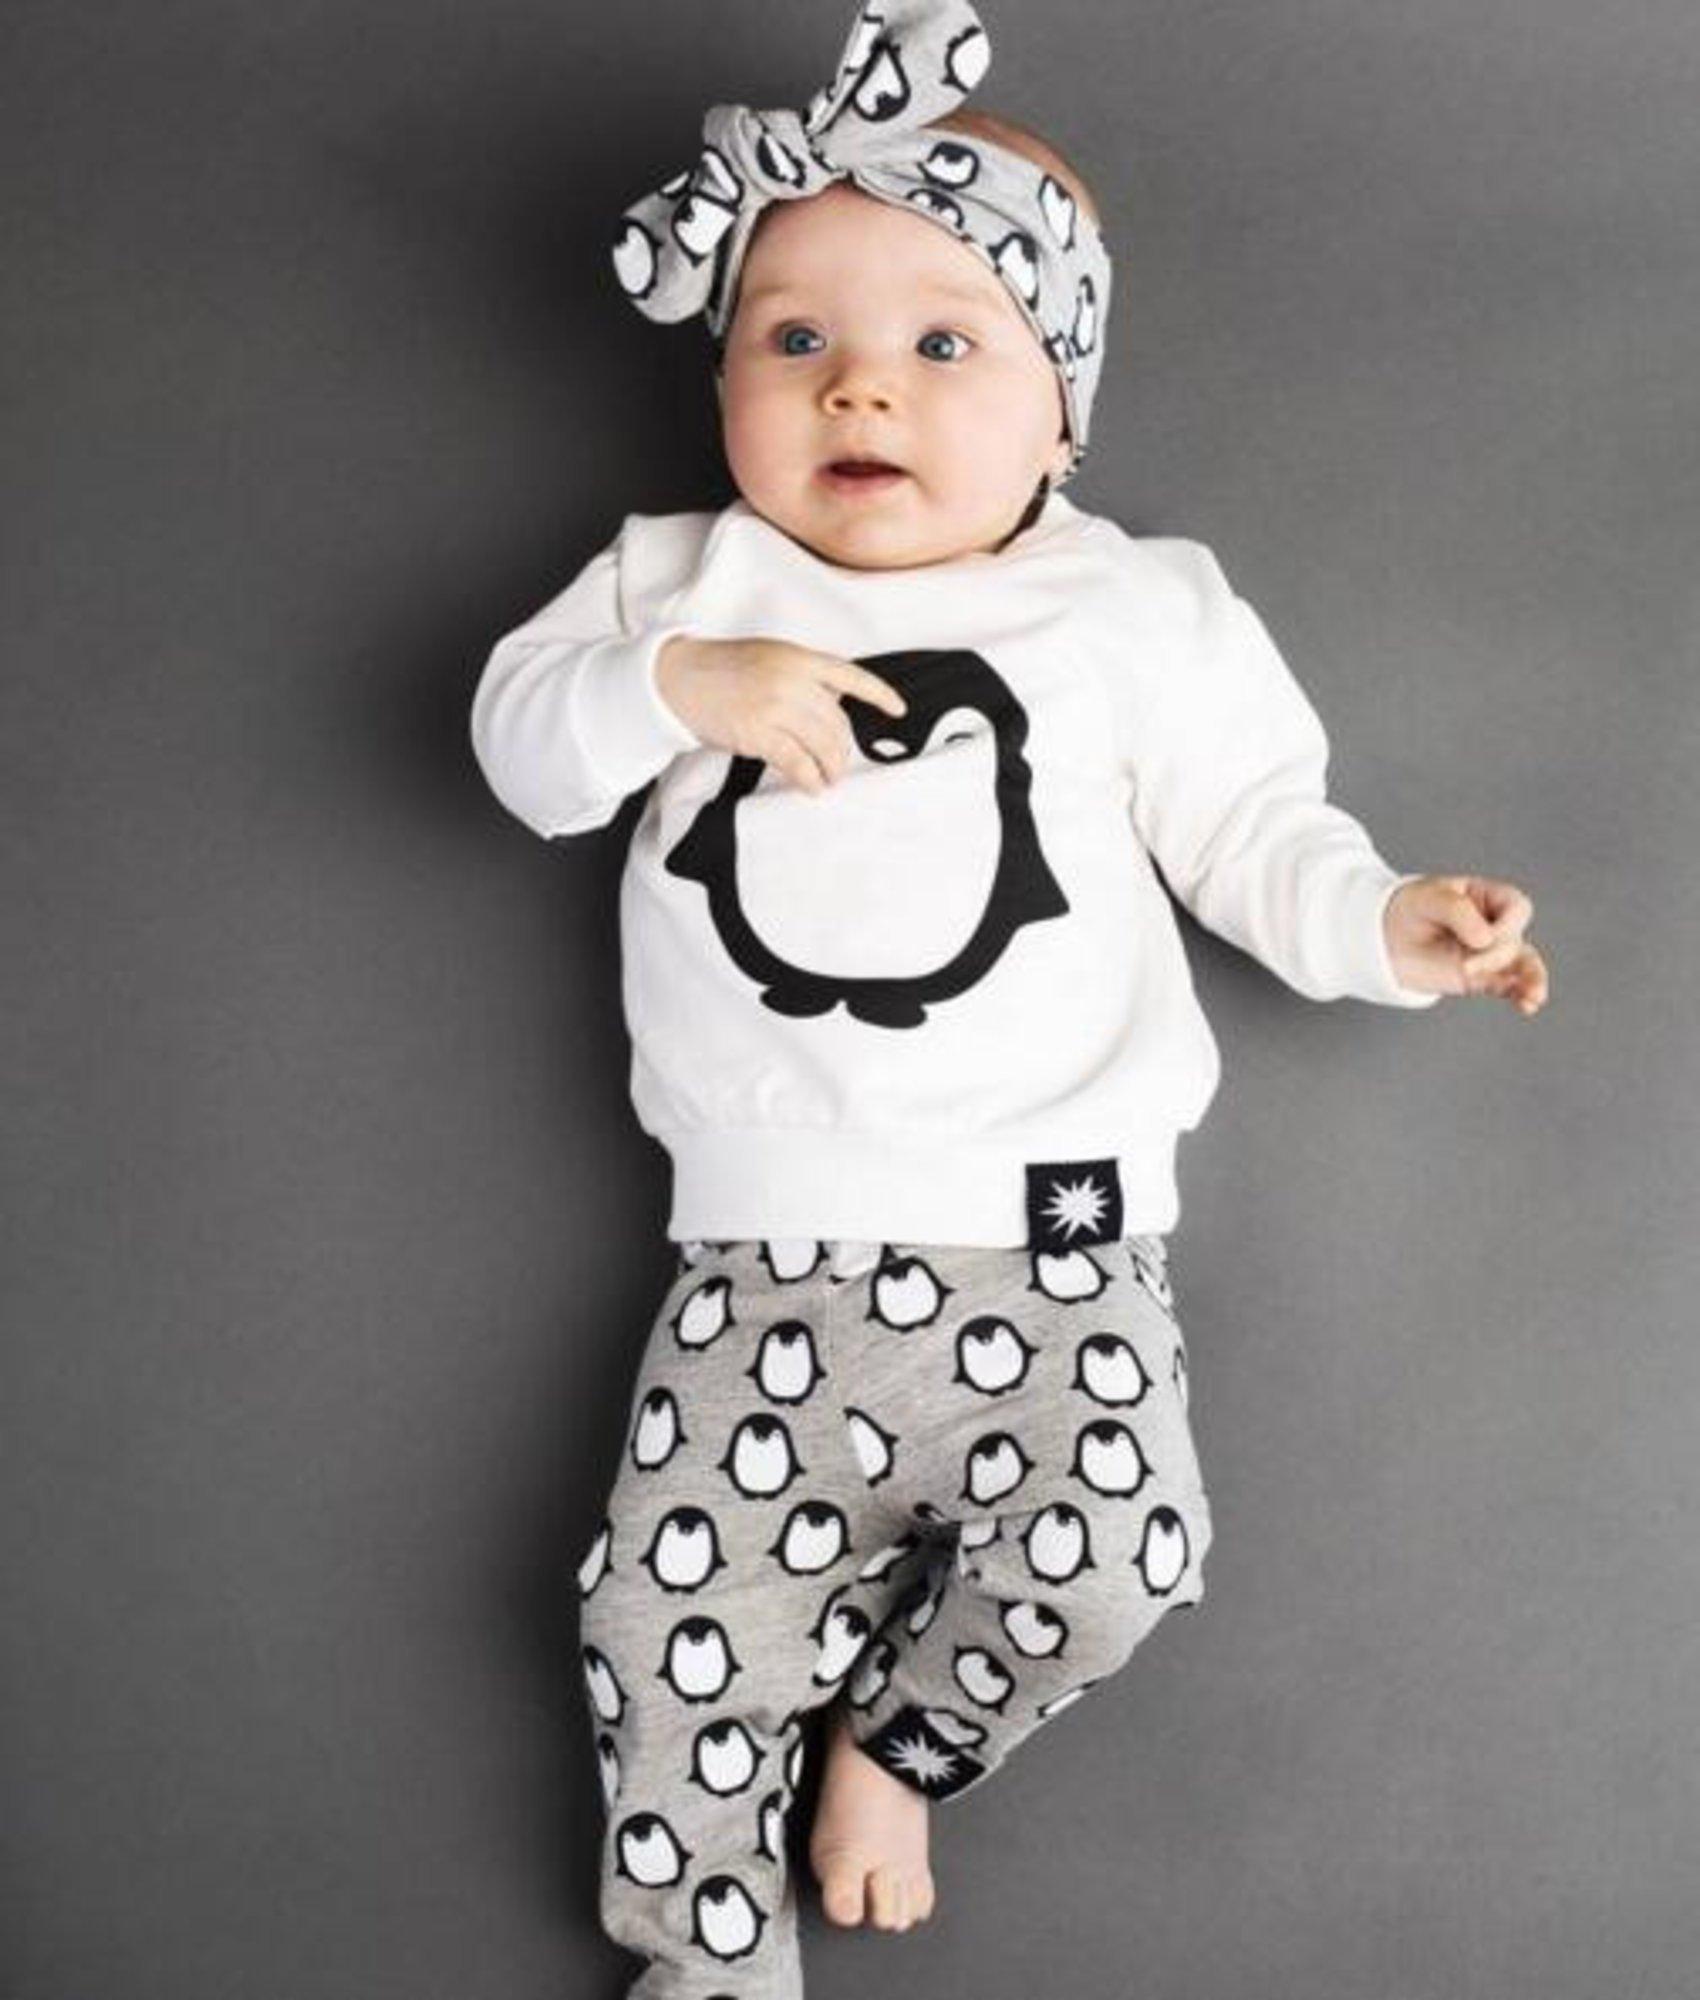 schicke Babykleidung selber machen